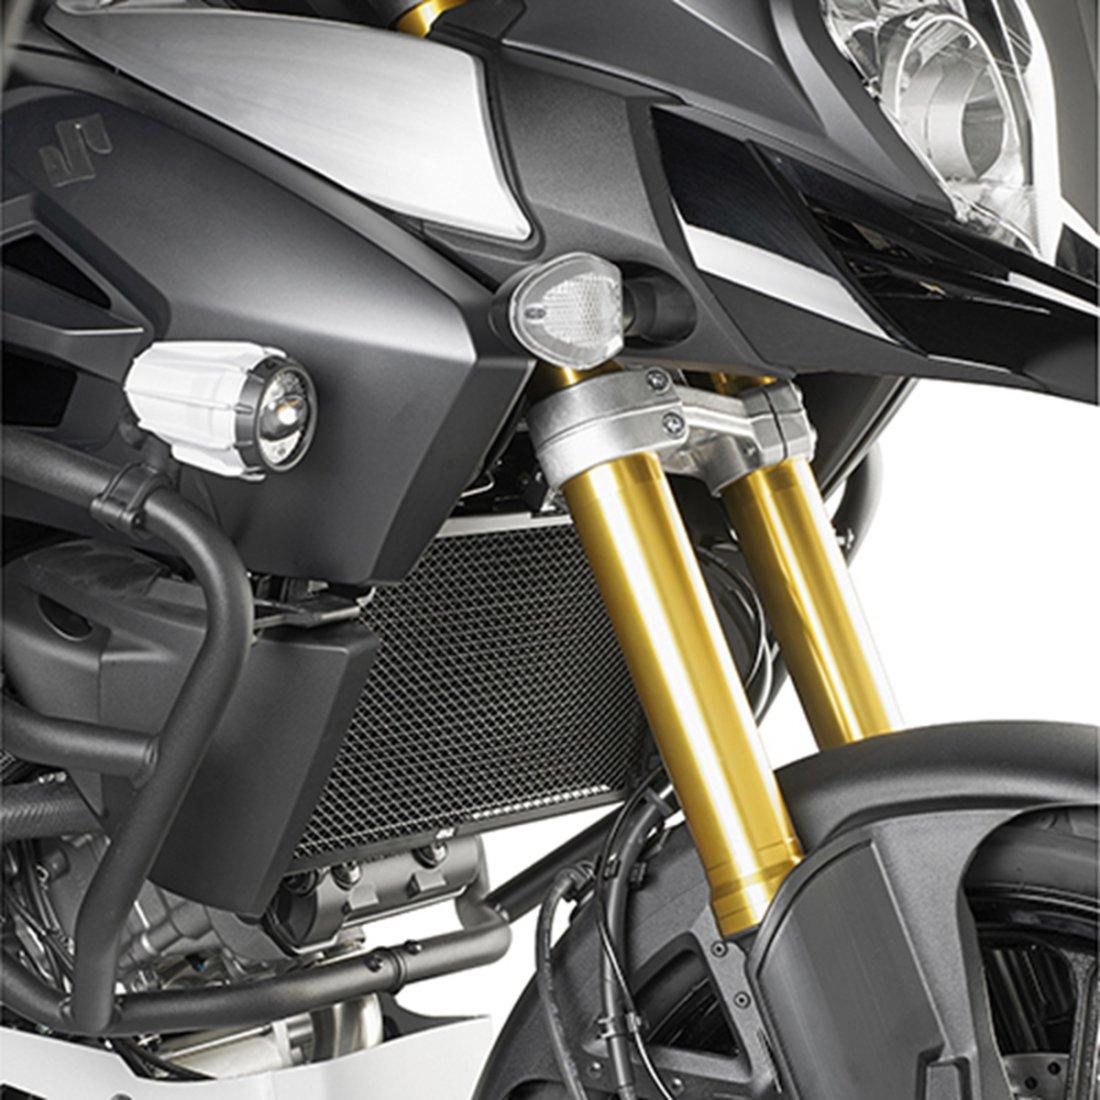 Protetor de Radiador Givi para DL1000 14 à 18 (PR3105 )  - Nova Suzuki Motos e Acessórios